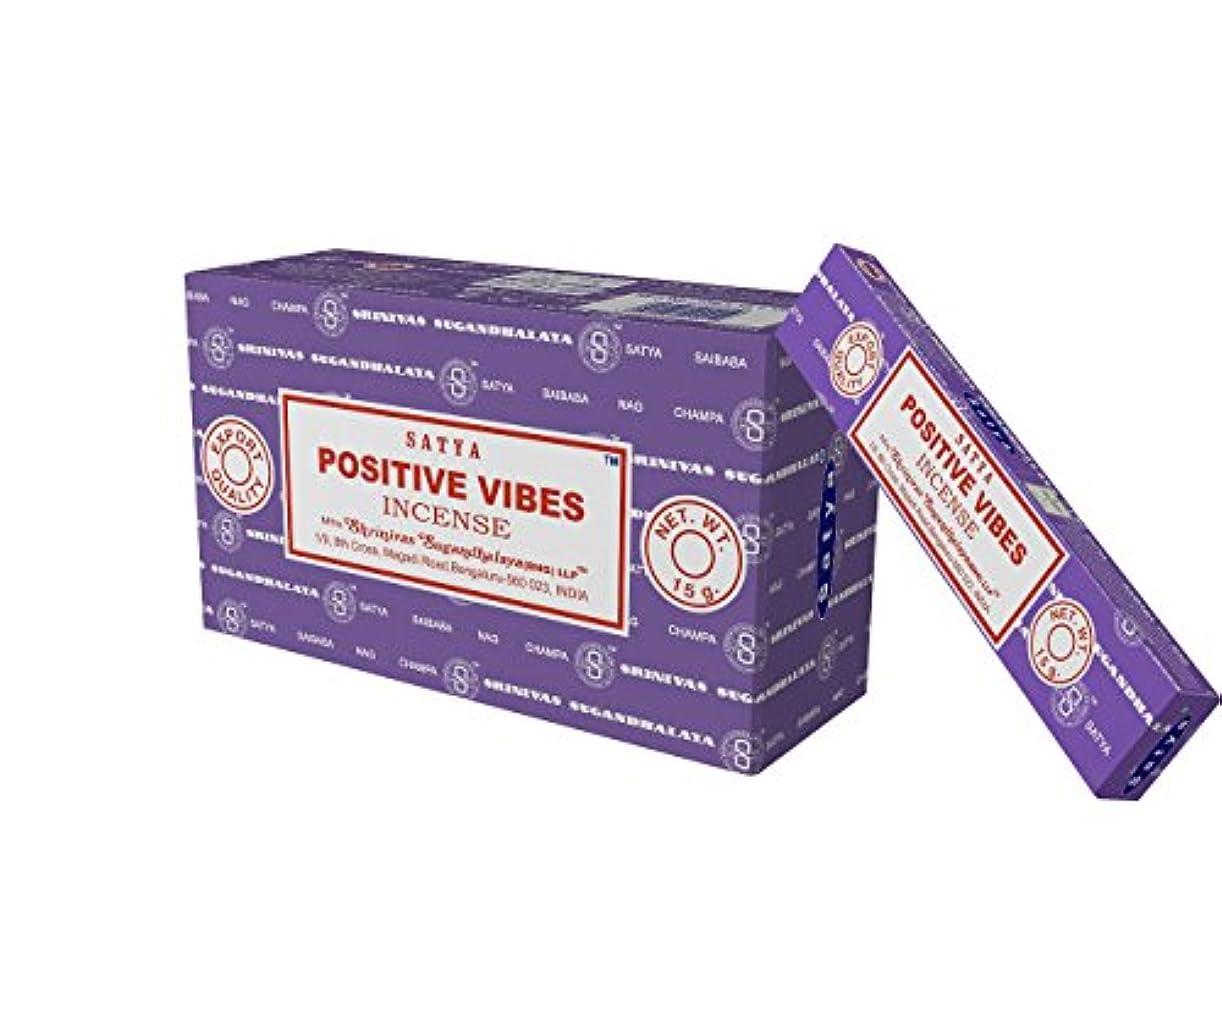 ゲスト統治する権利を与えるSatya Nag Champa Positive Vibes Incense Sticks、12カウント